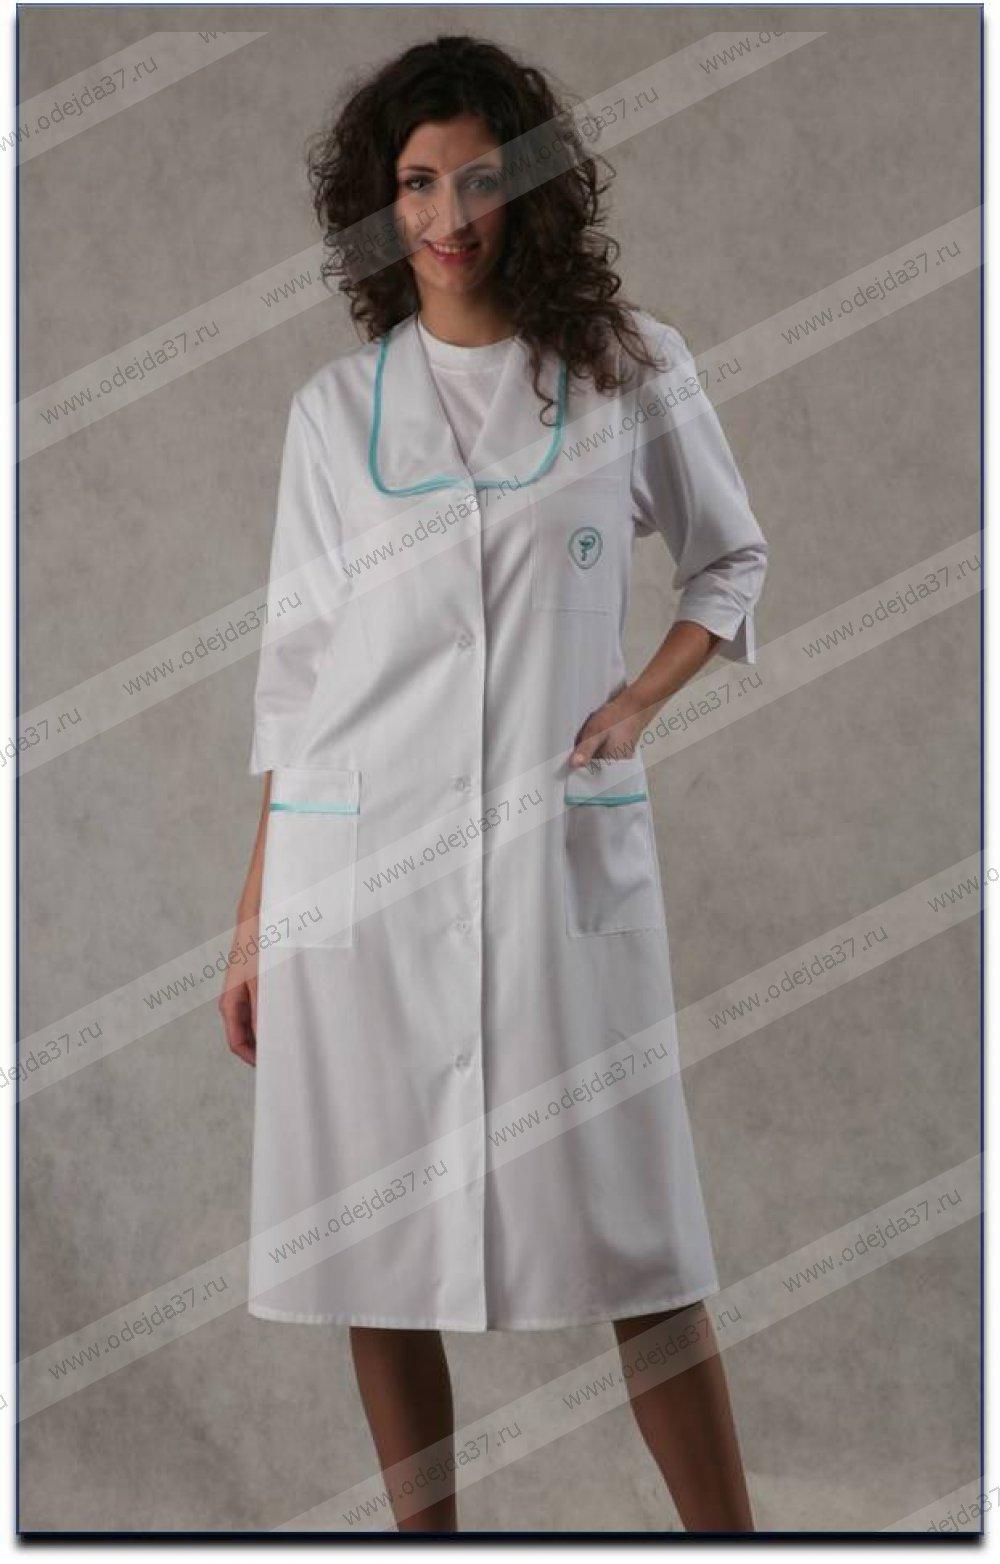 Увеличить - Халат  медицинский женский №163